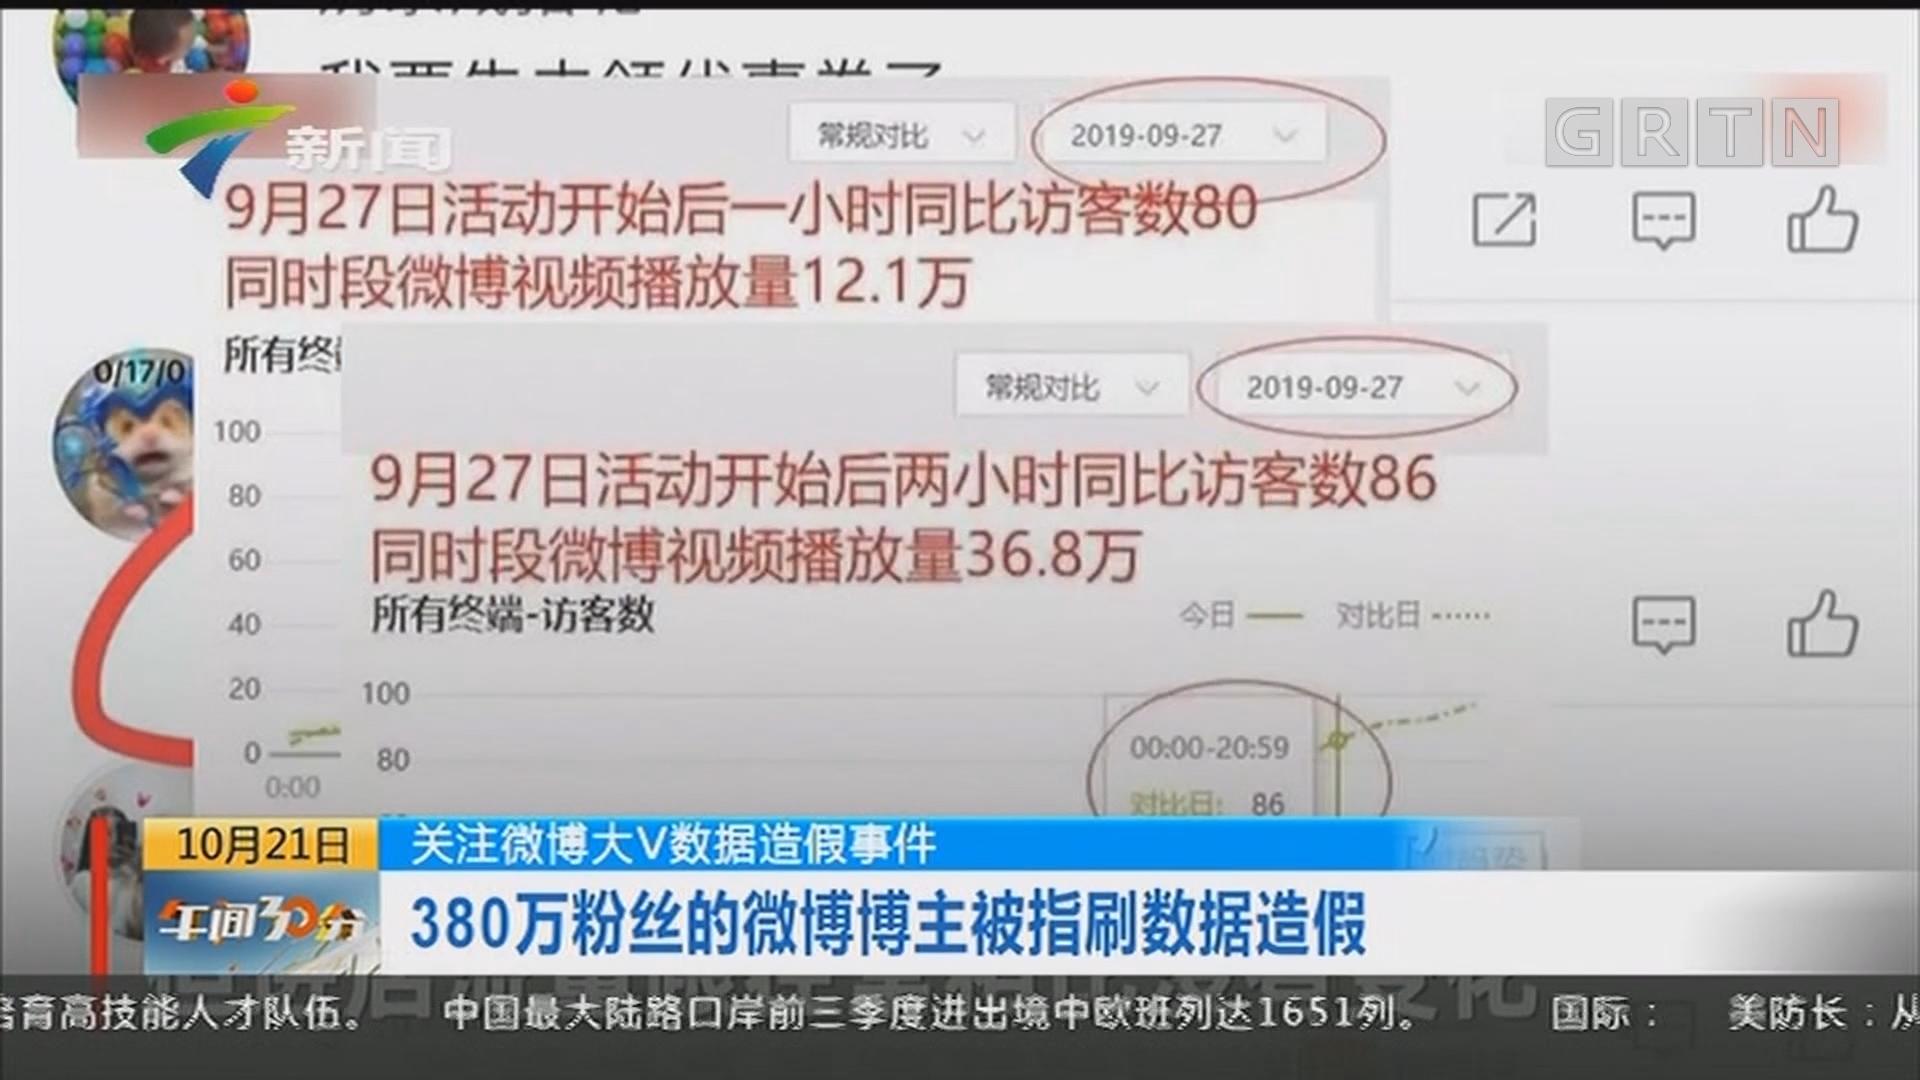 关注微博大V数据造假事件:380万粉丝的微博博主被指刷数据造假